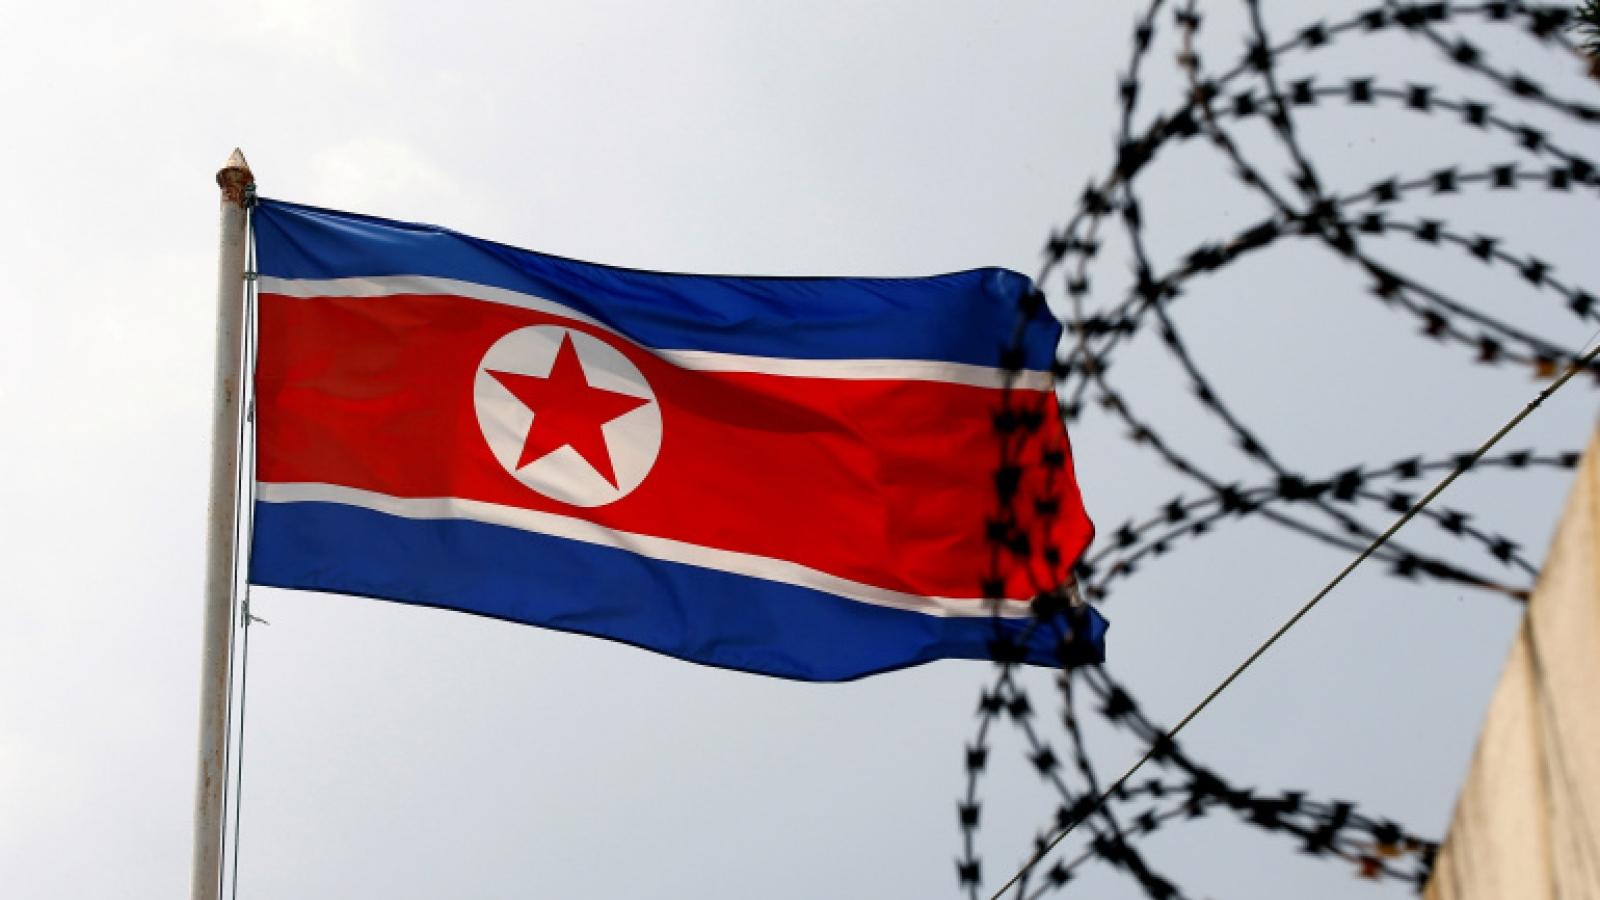 Bán đảo Triều Tiên nóng trở lại: Ngoại giao tên lửa hay lời nhắc nhở Mỹ?